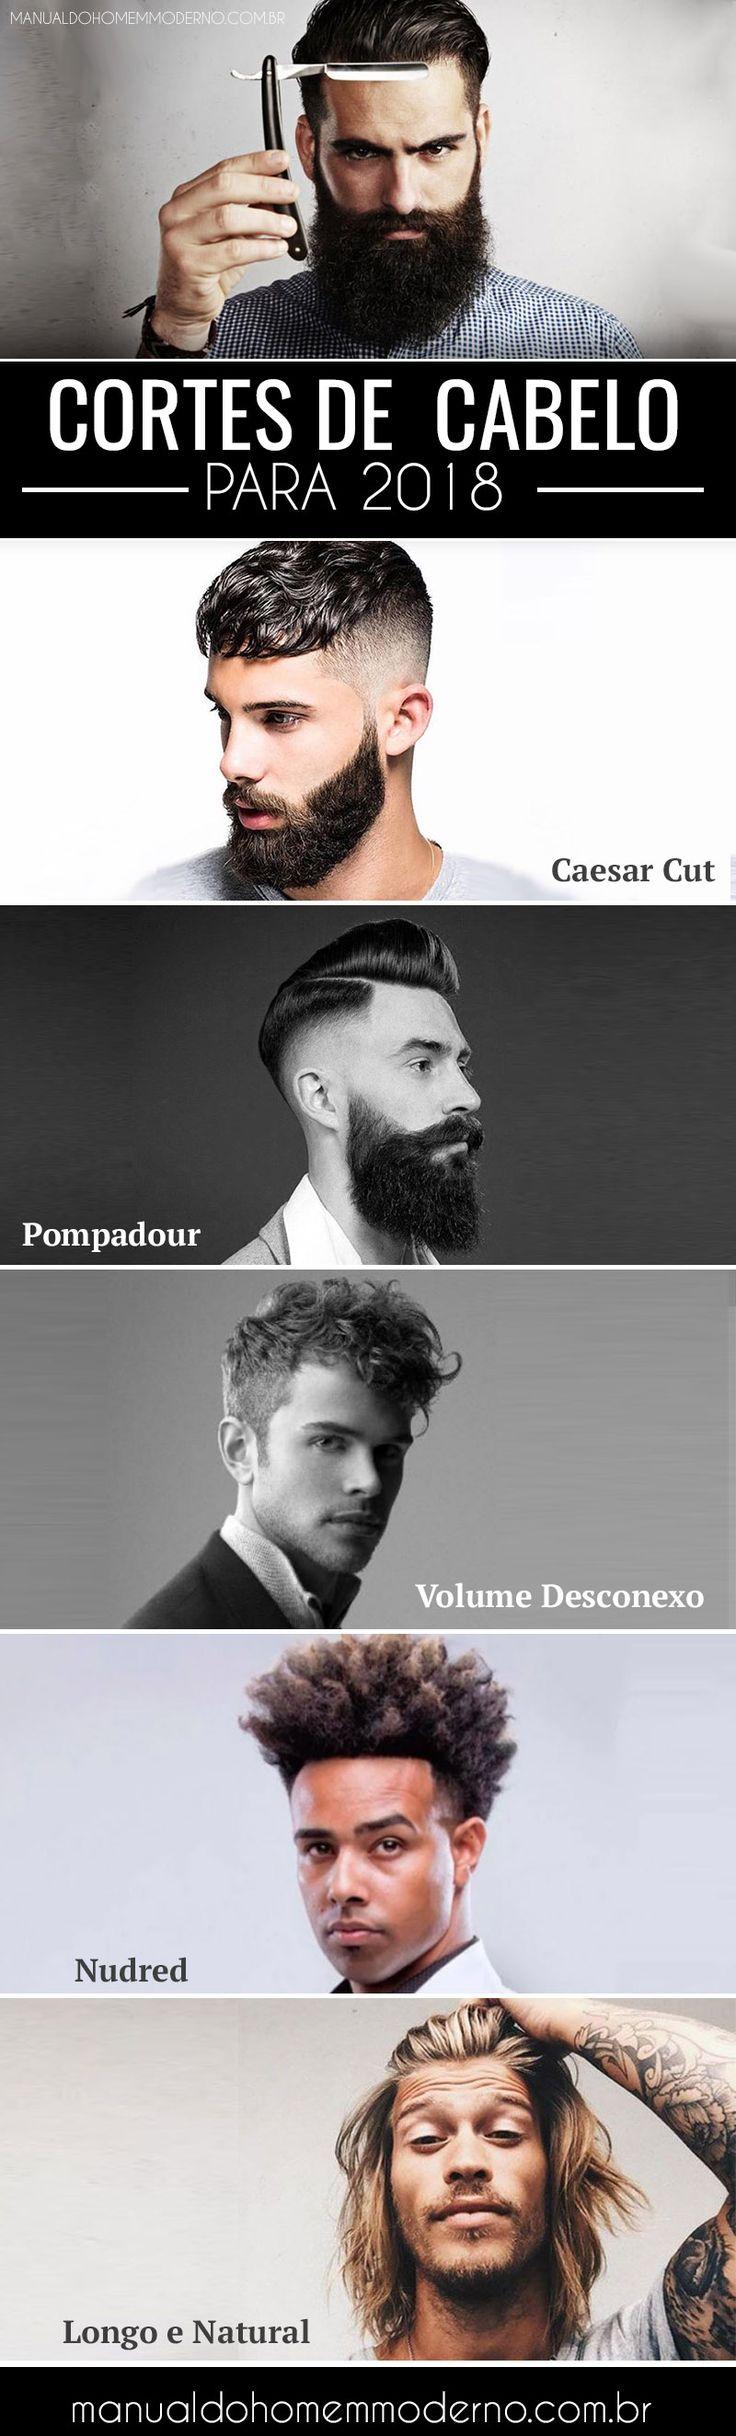 Cortes de cabelo masculino em alta para 2018.